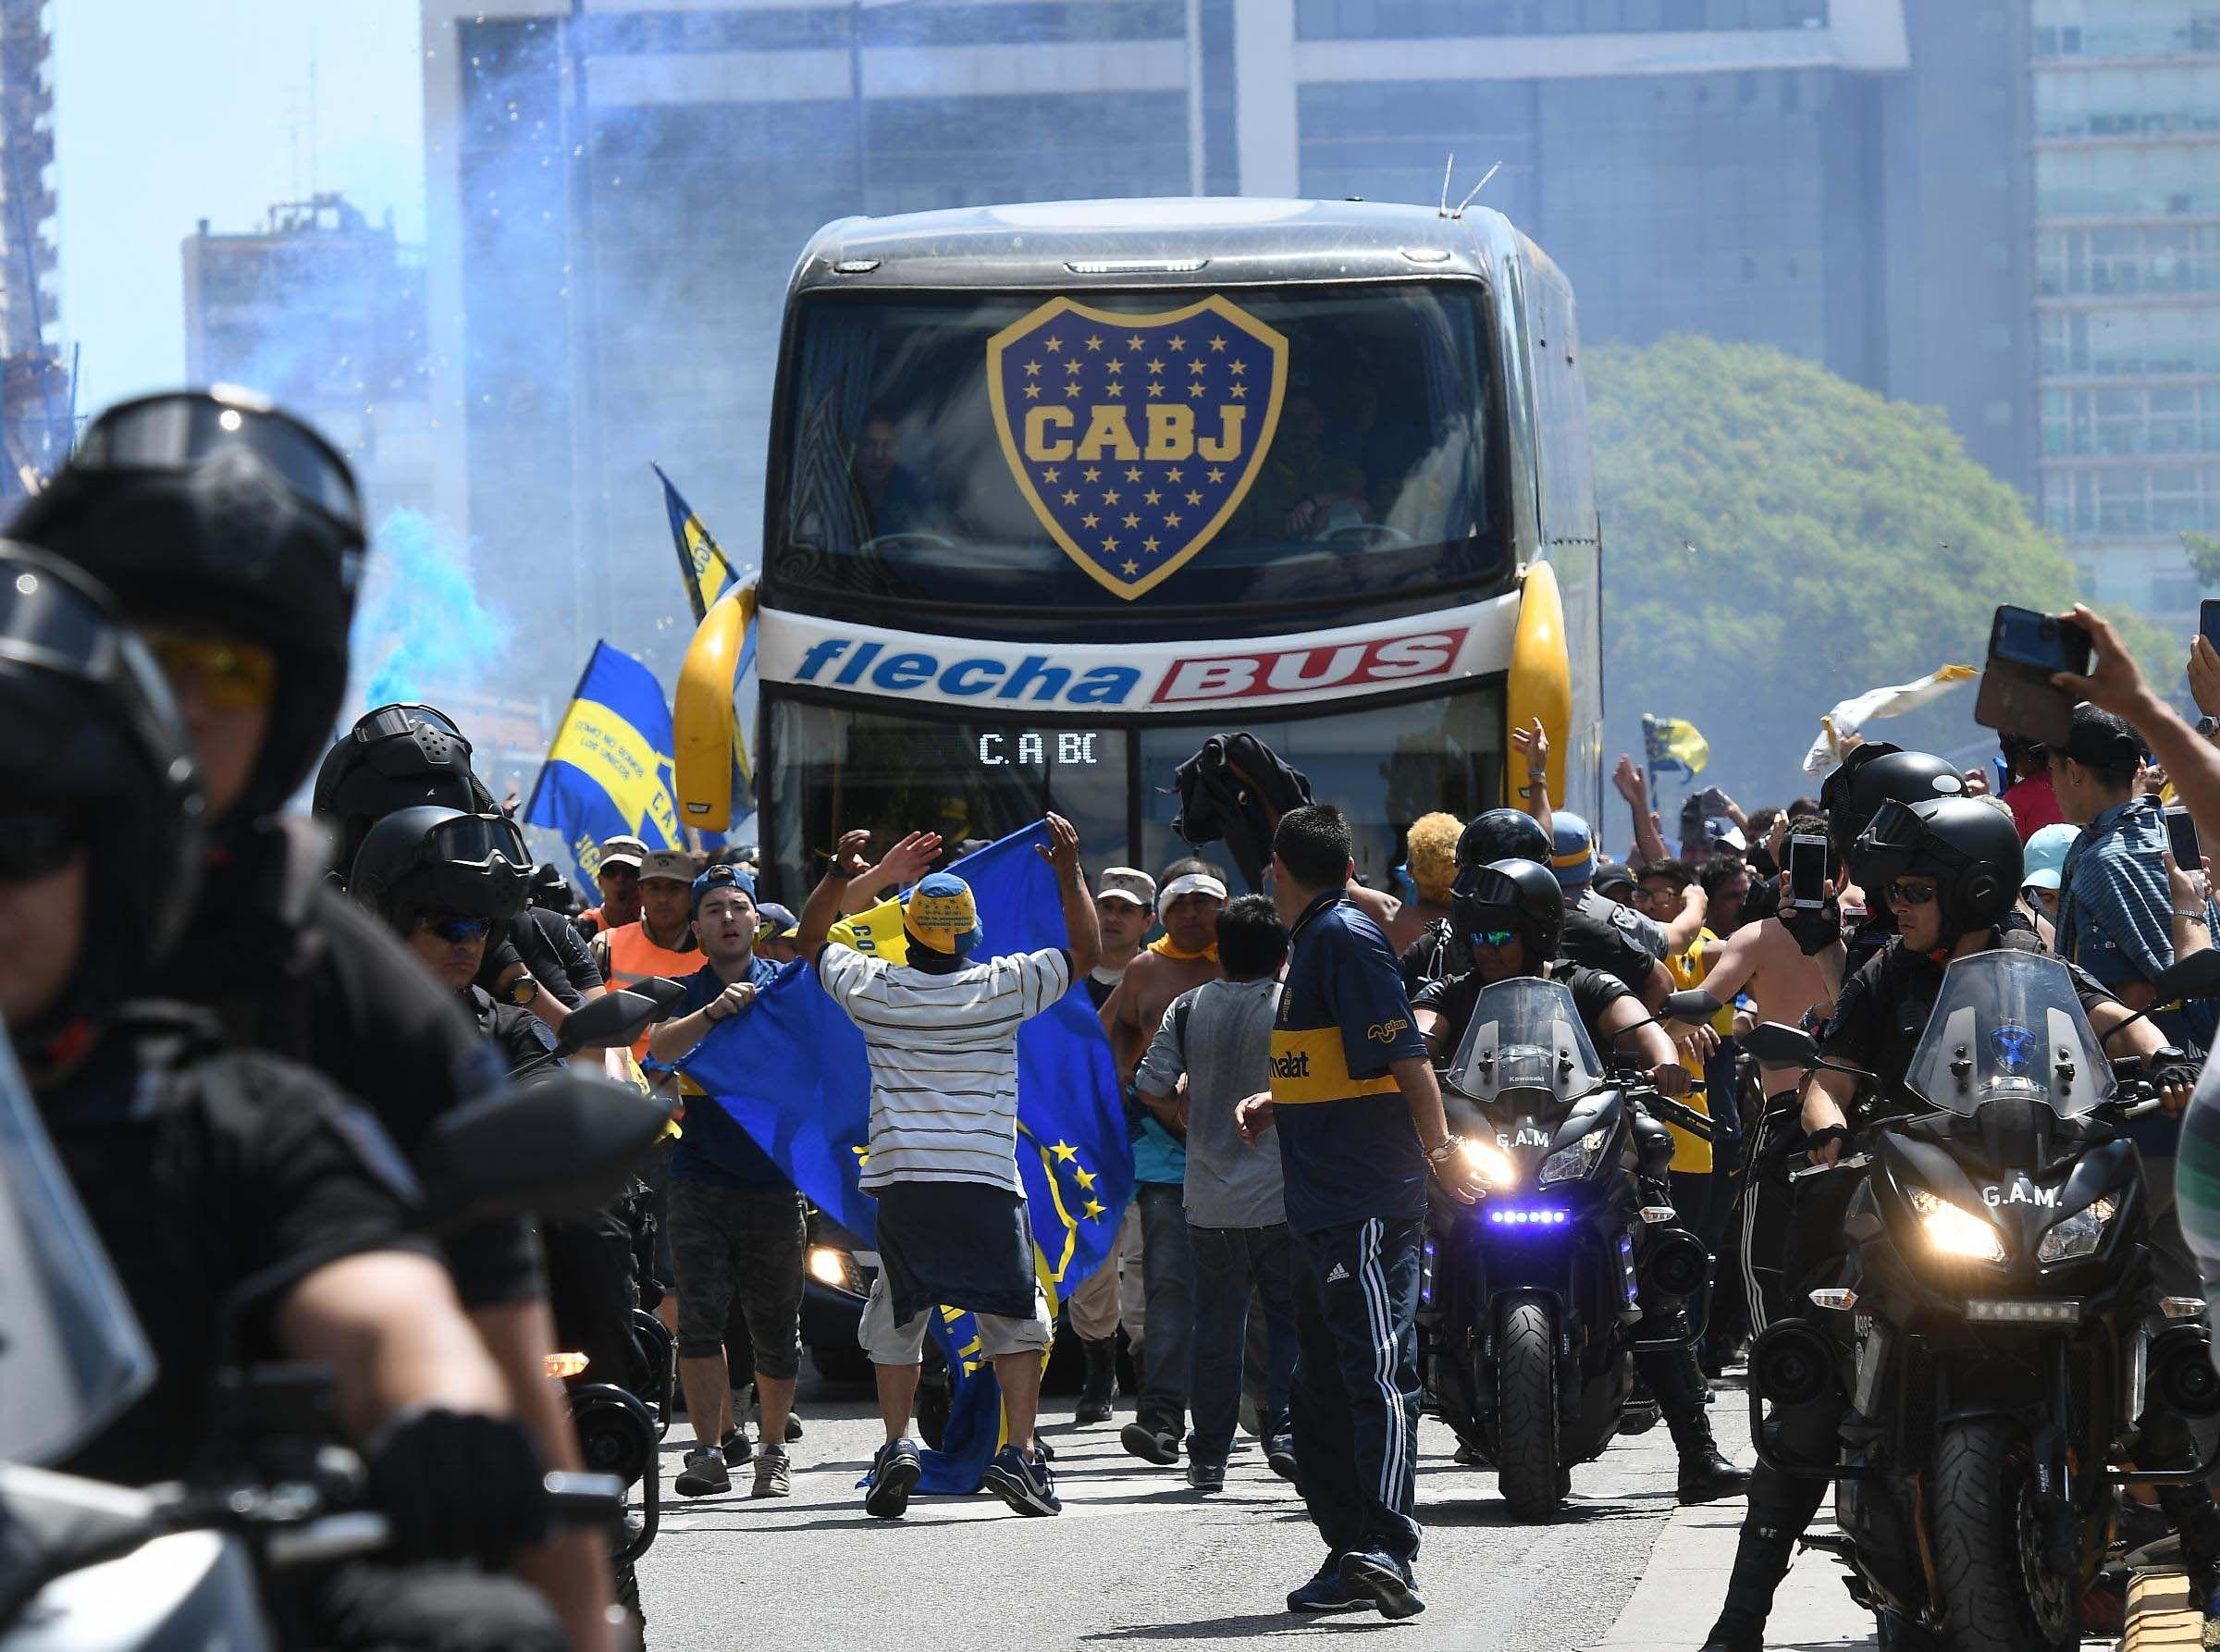 España le pidió ayuda a la Argentina para el operativo de seguridad por la Superfinal